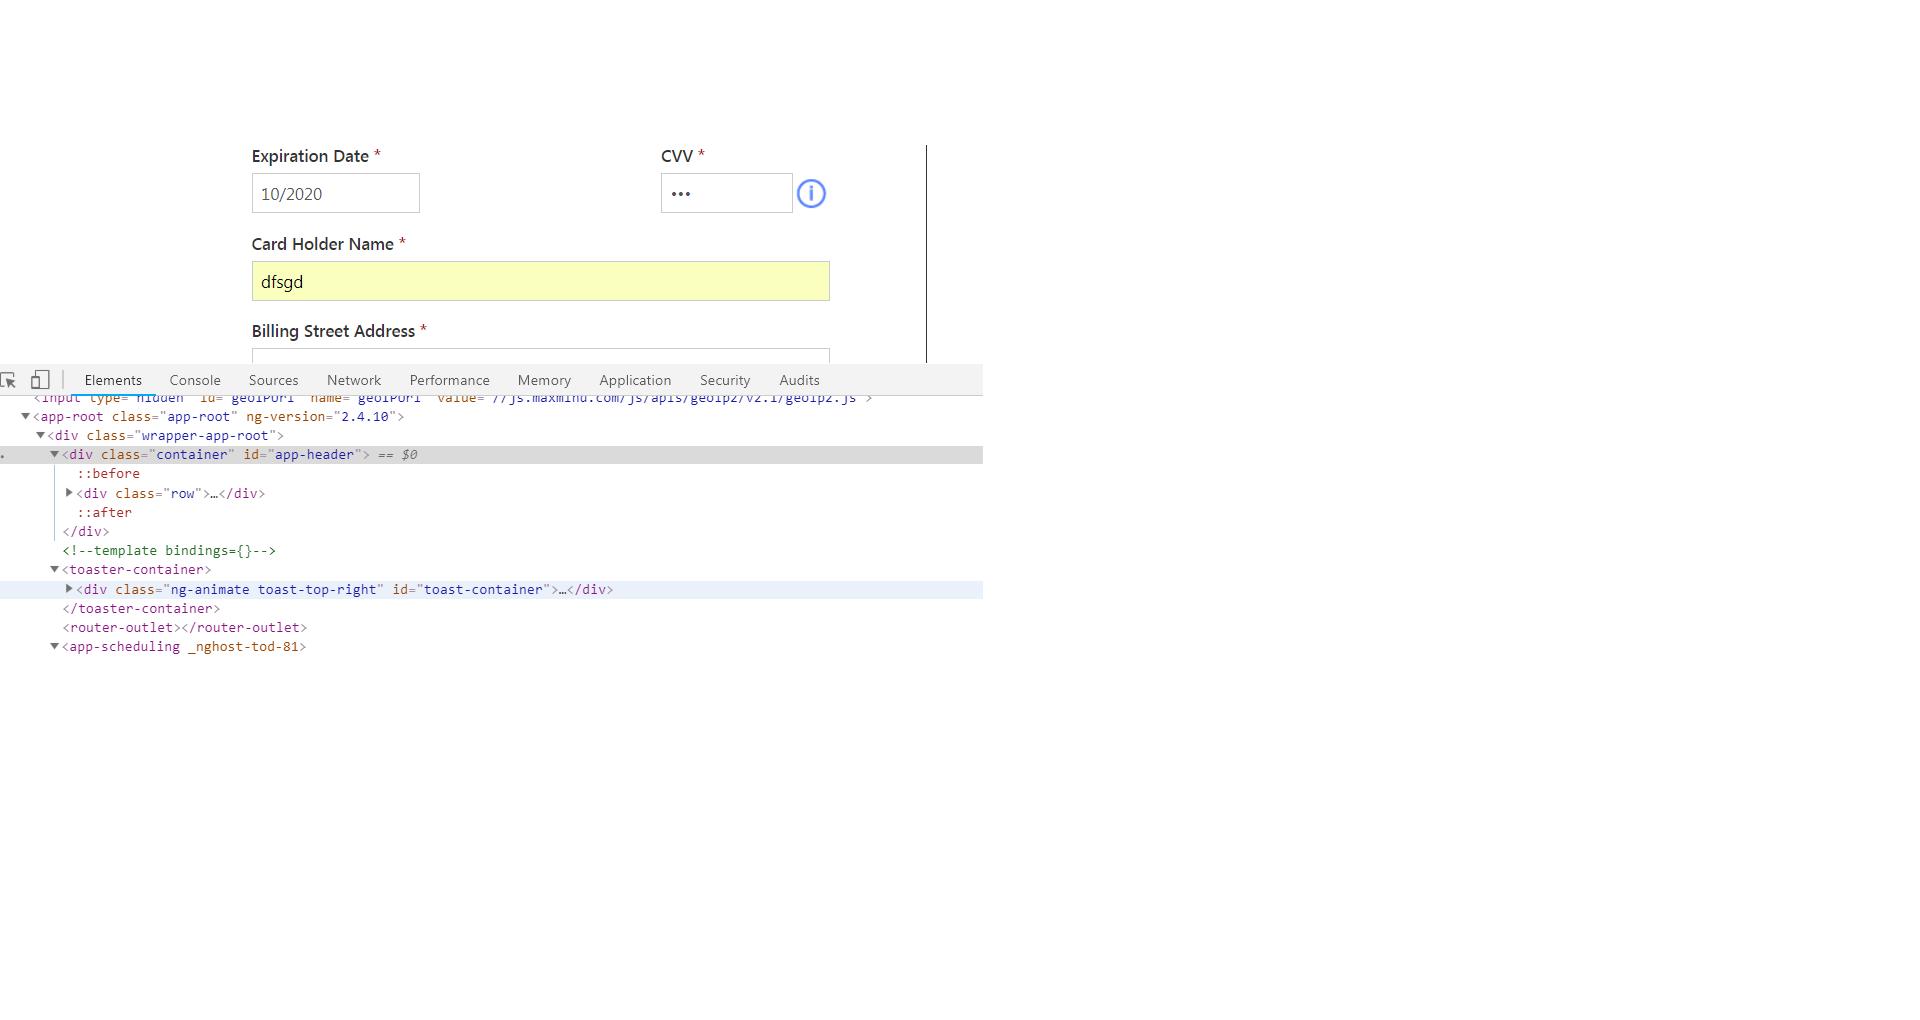 I get WebDriverException: unknown error: angular is not